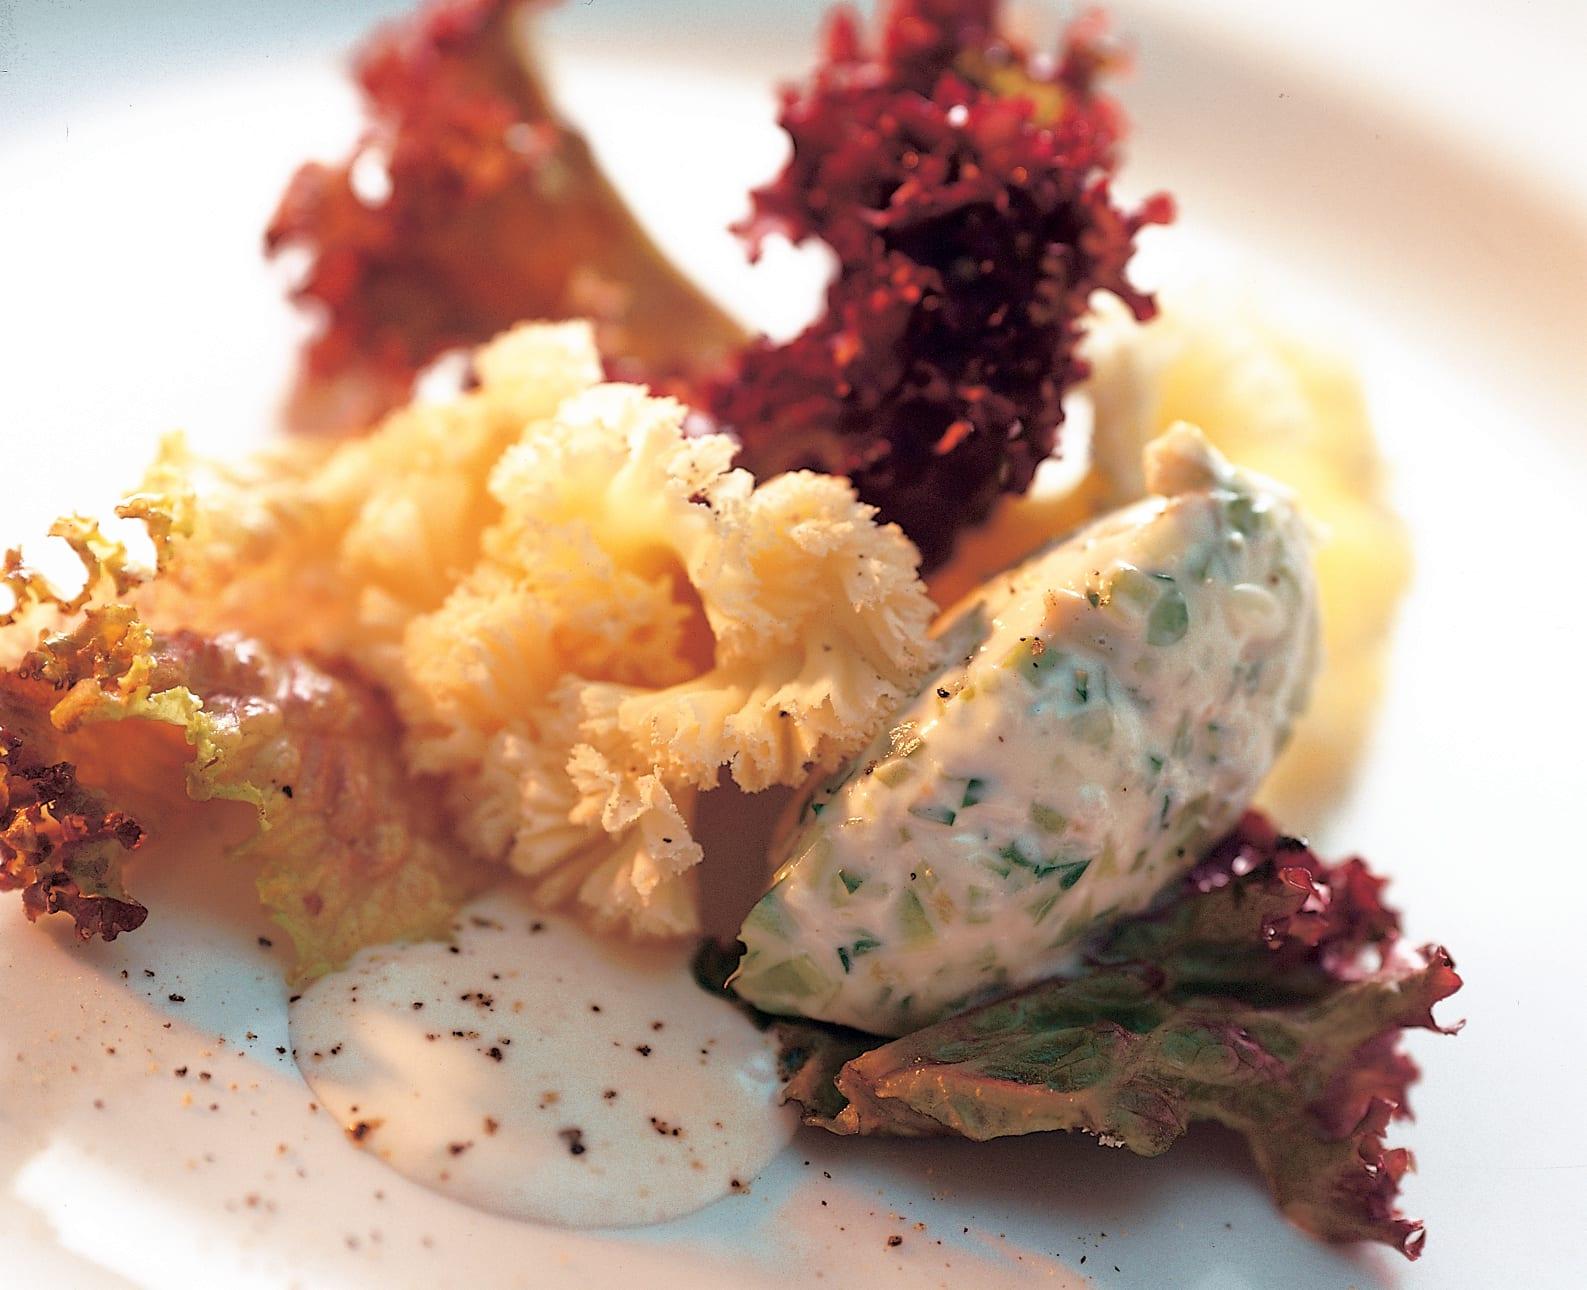 Mousse de mascarpone et rosettes de Tête-de-Moine sur un lit de salade